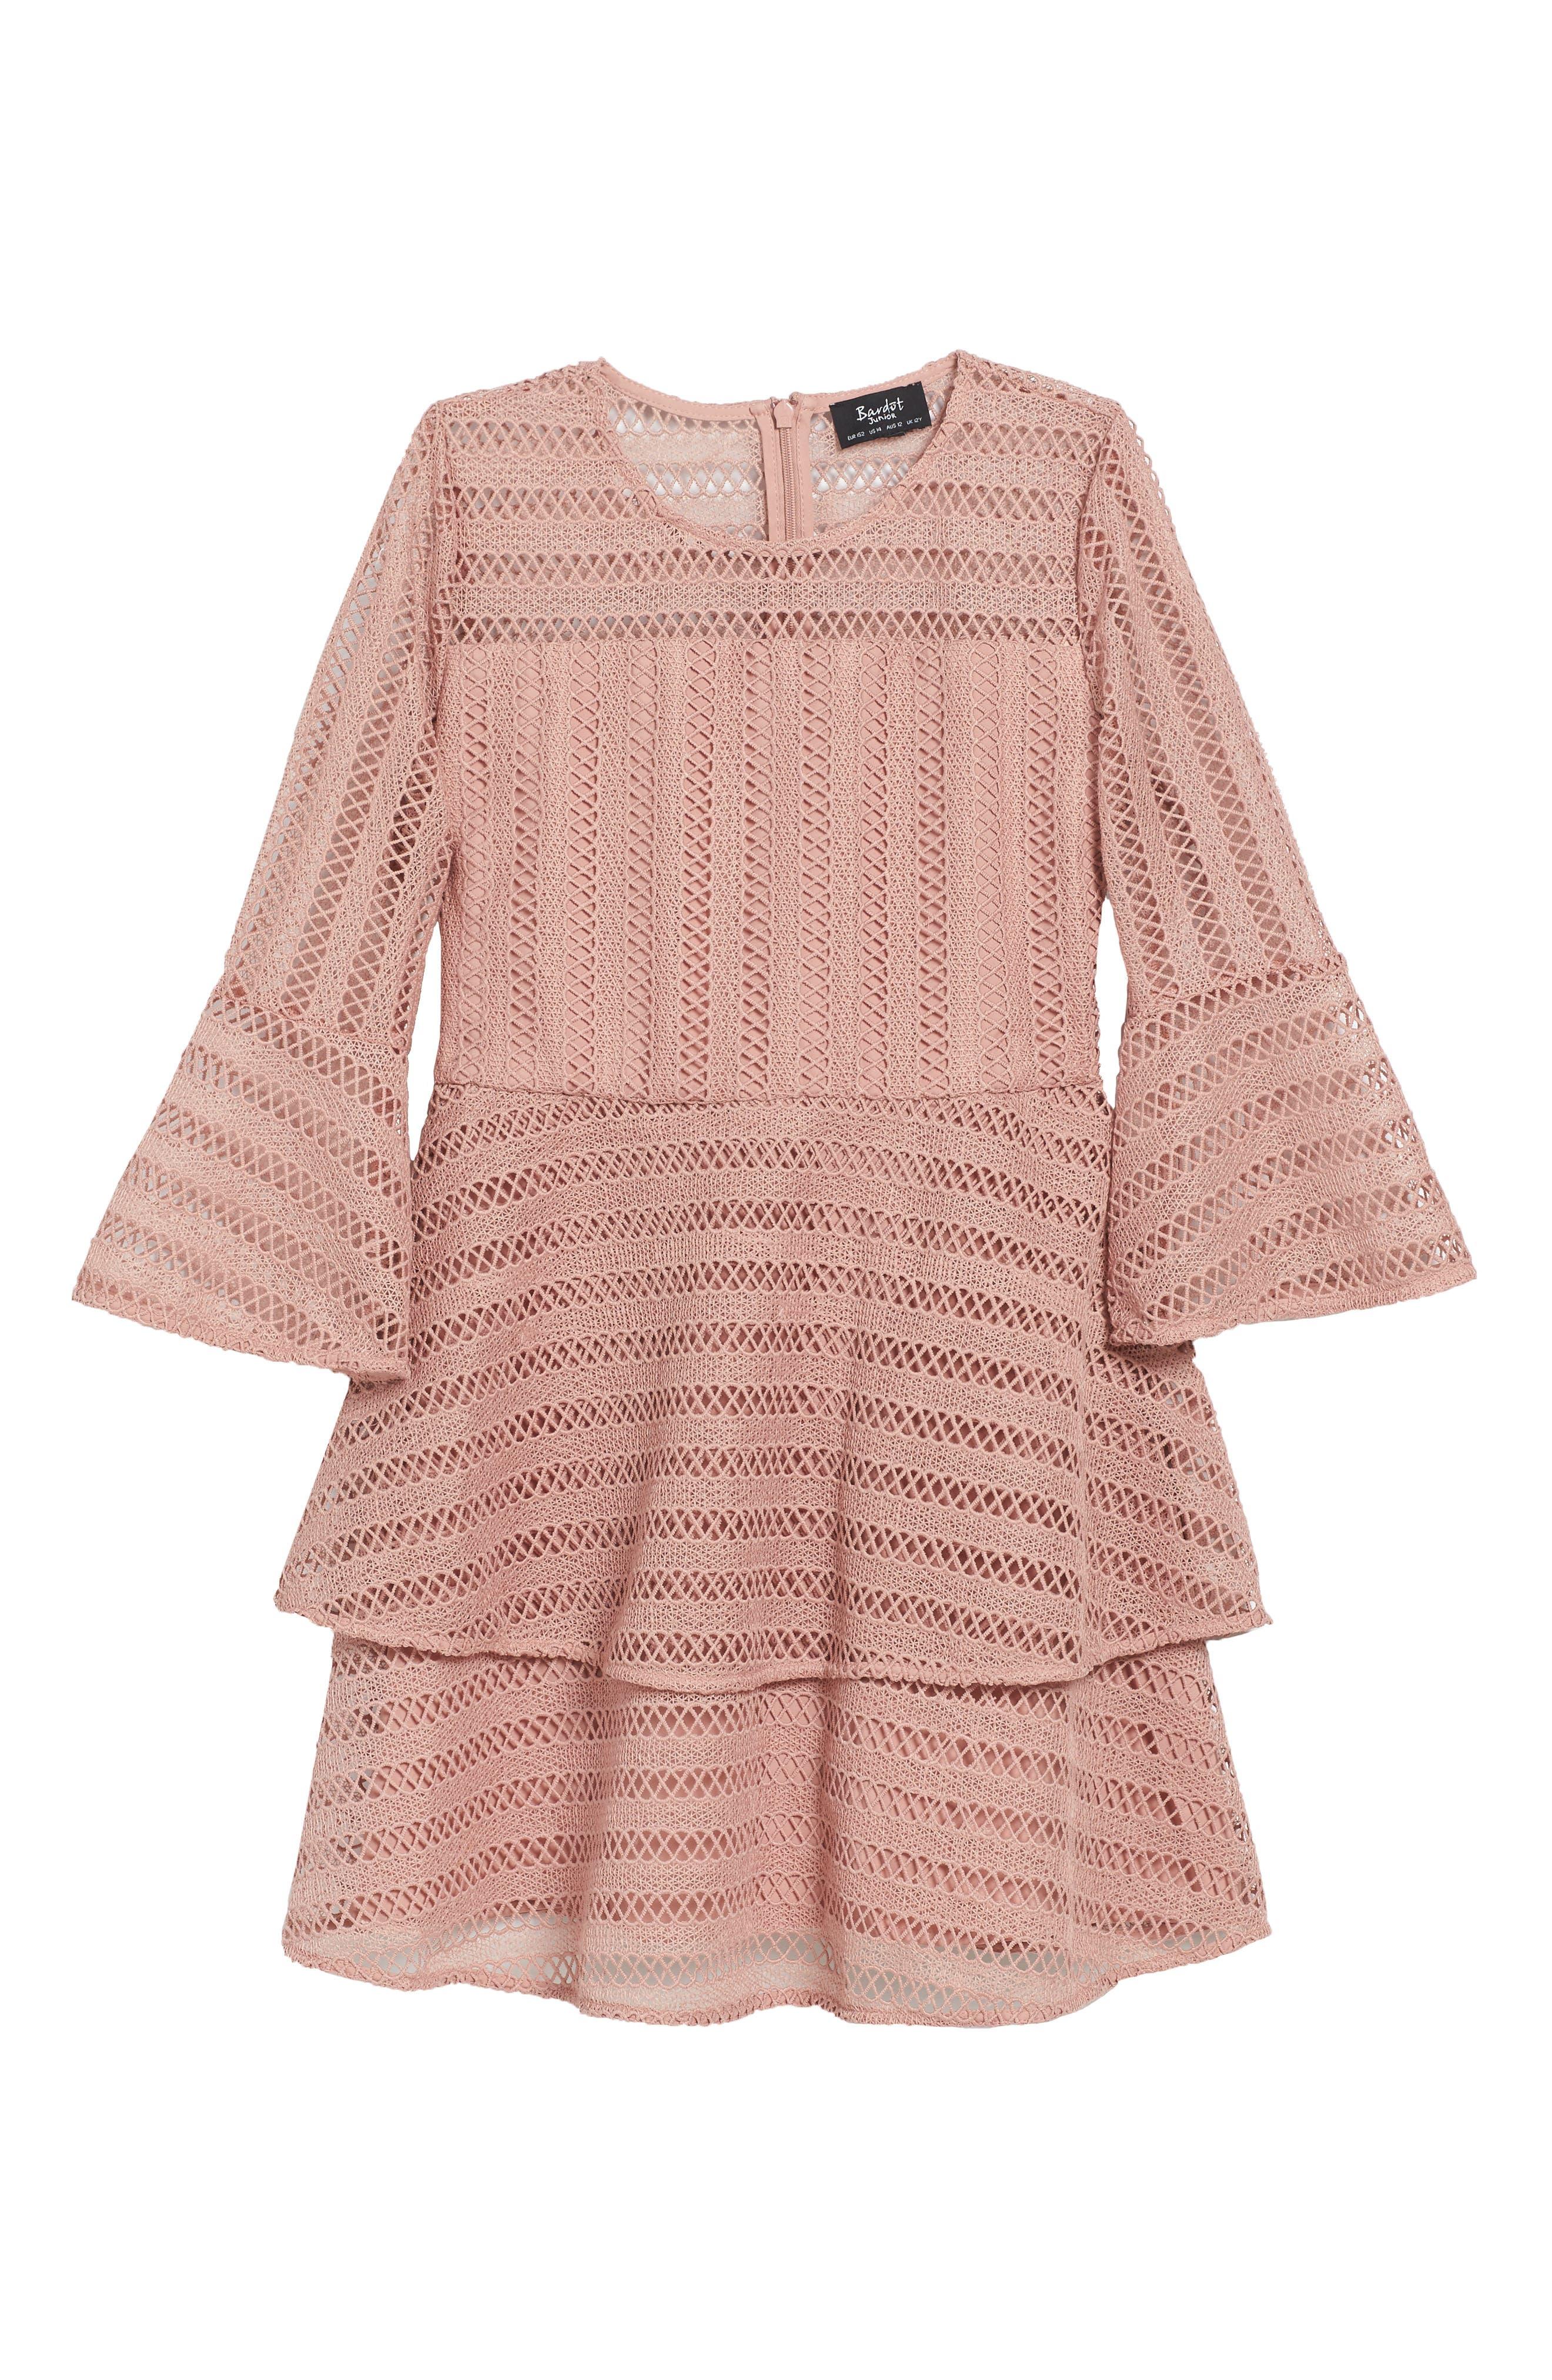 Collins Lace Dress,                             Main thumbnail 1, color,                             684